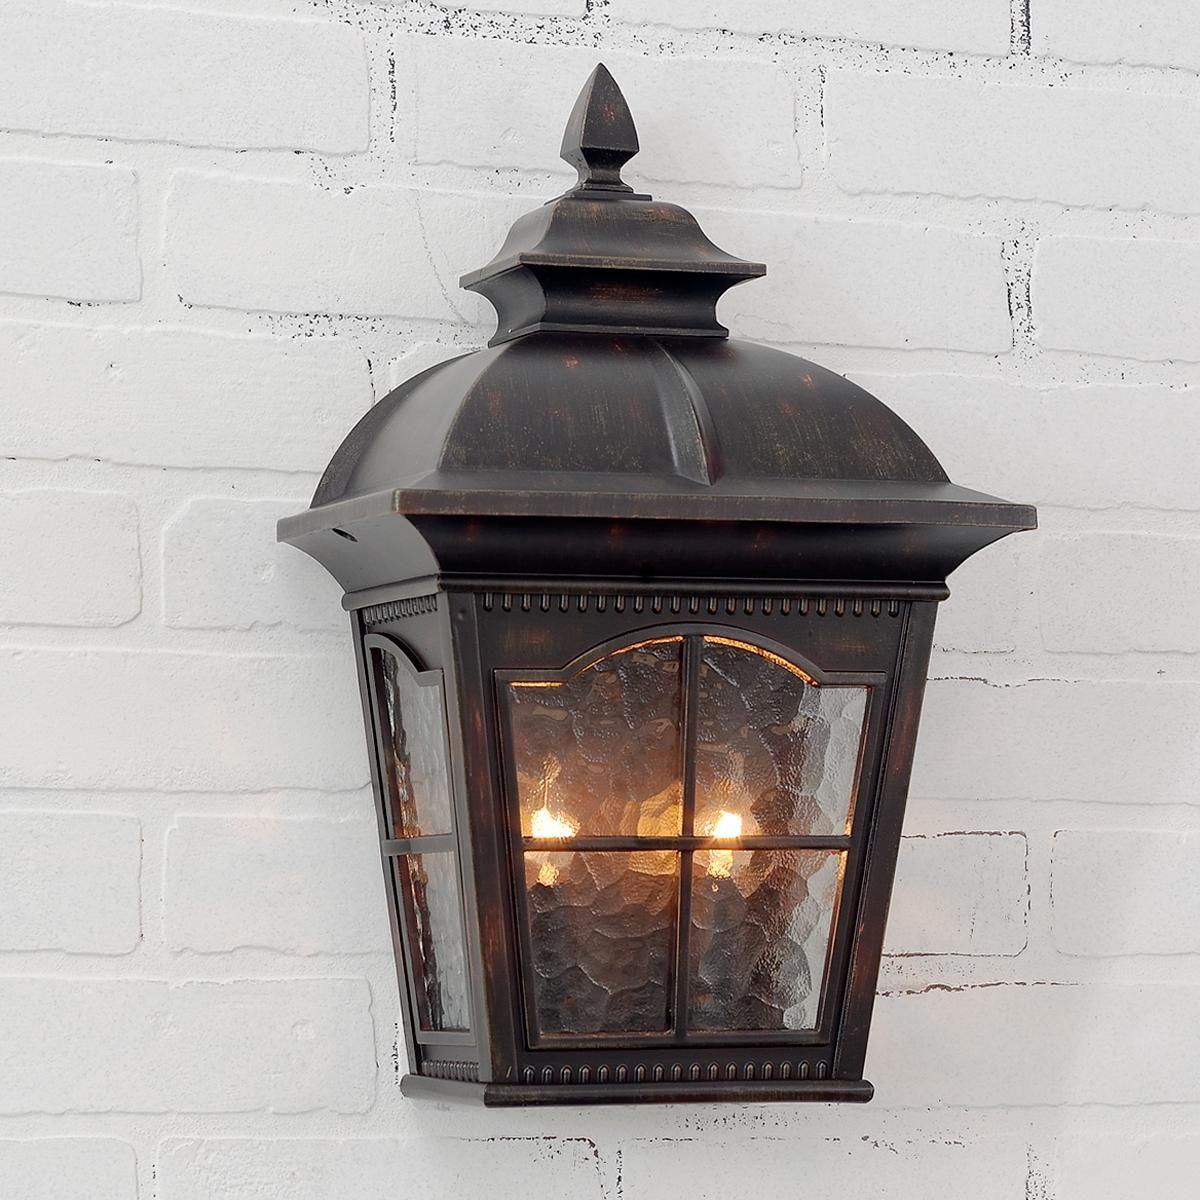 Tudor Revival Pocket Outdoor Light Deck Lighting...shades